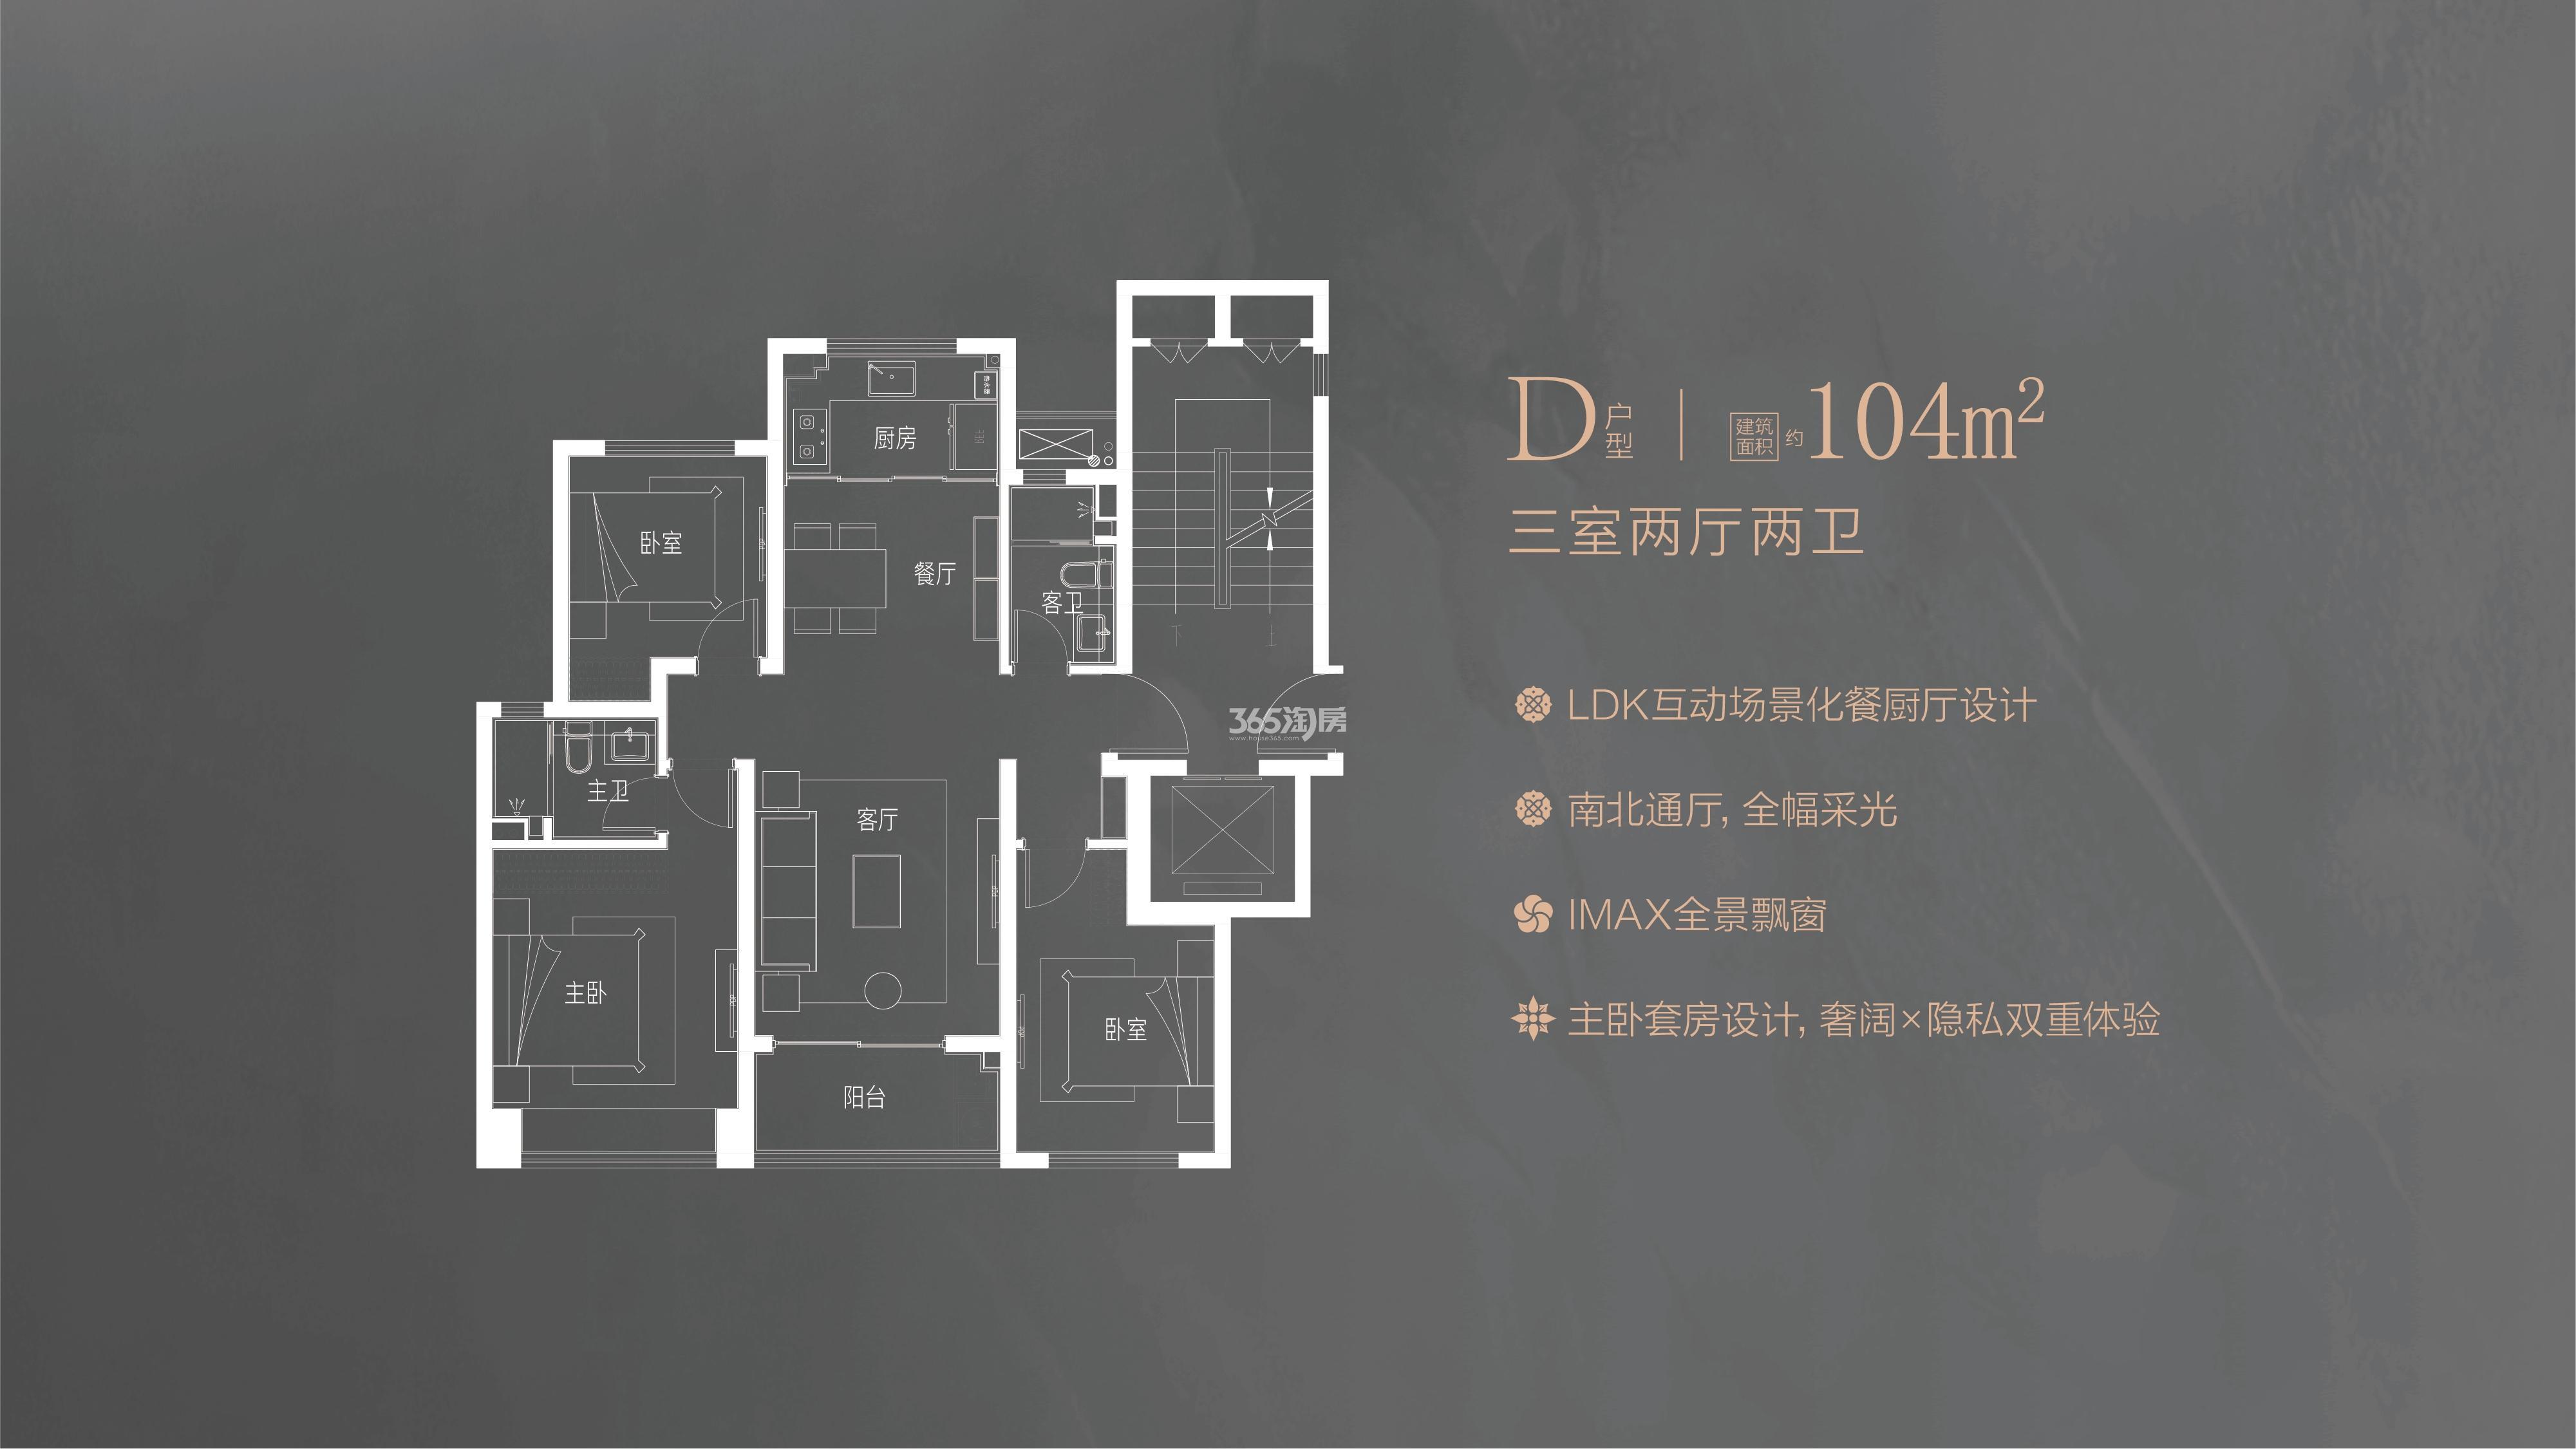 中海方山印建面约104㎡D户型图